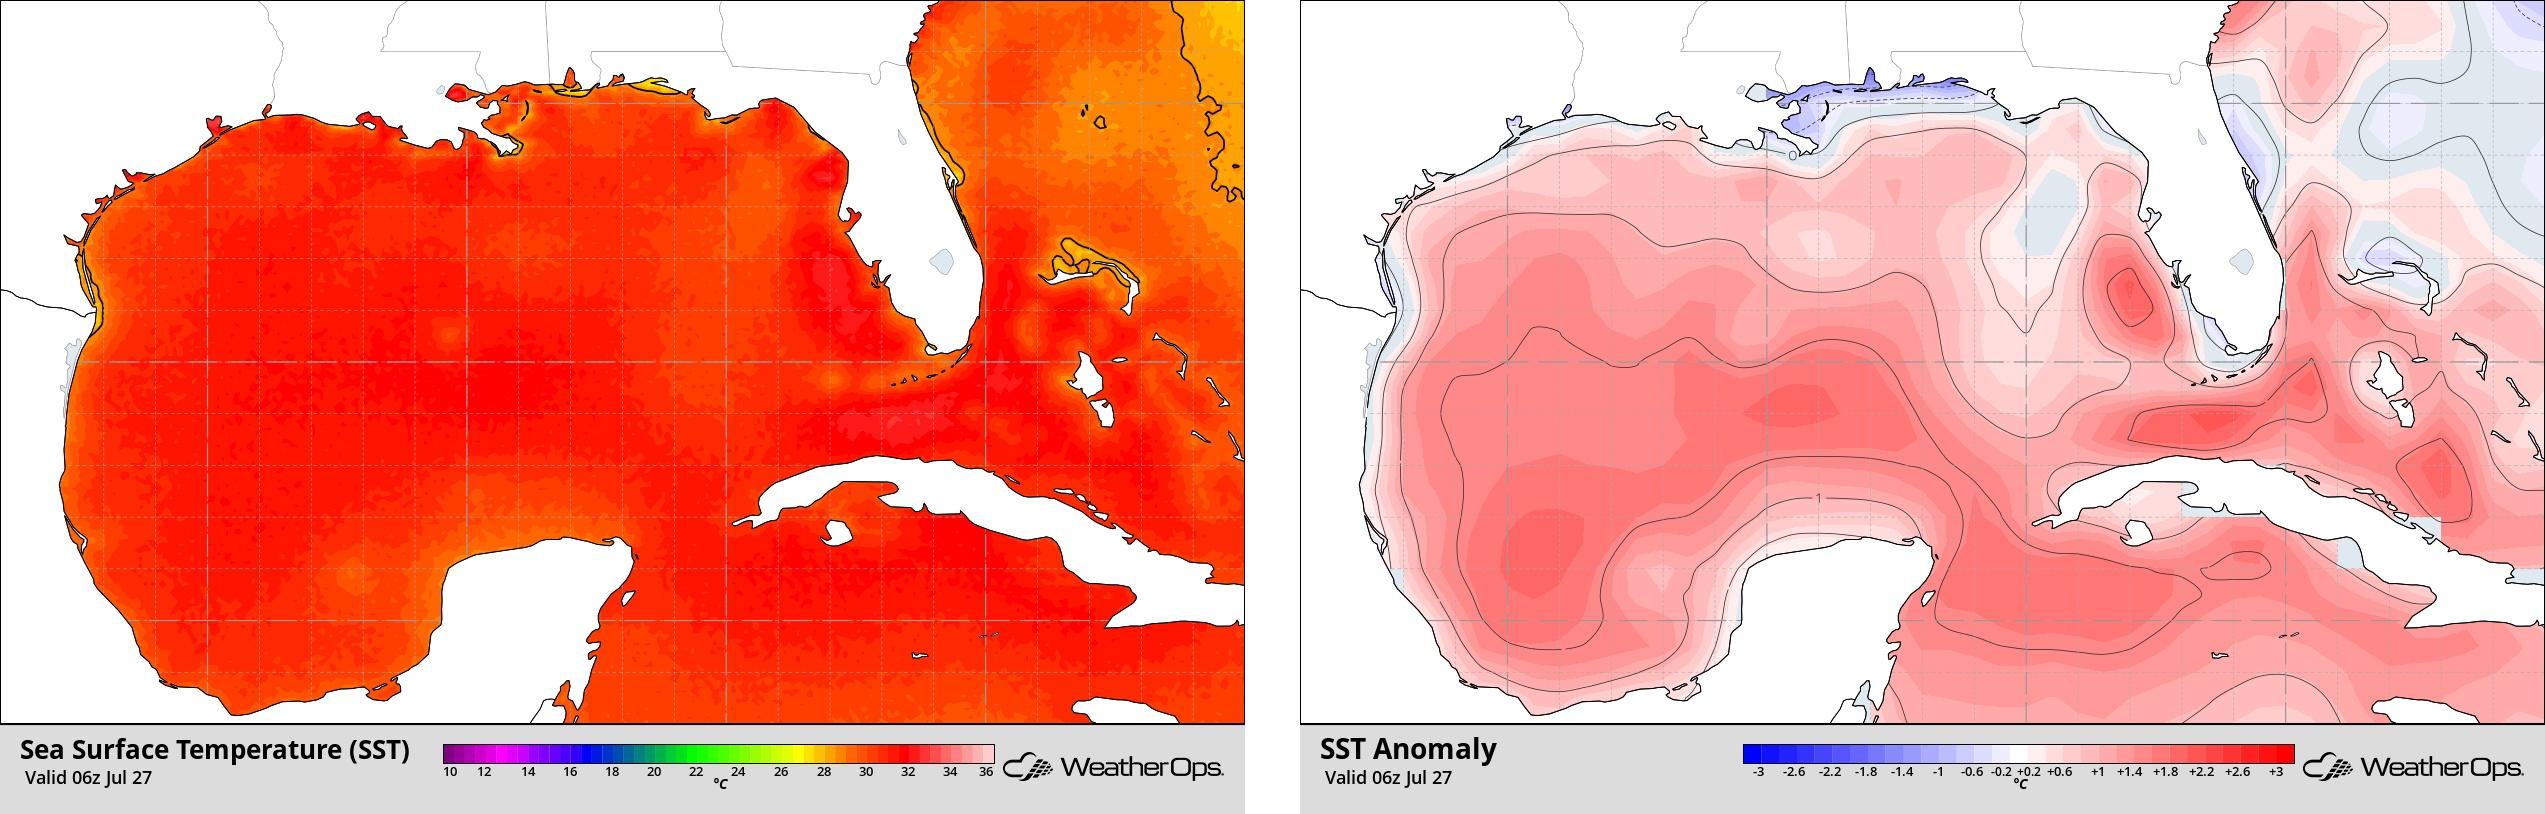 Gulf Sea Surface Temp and Anomalies